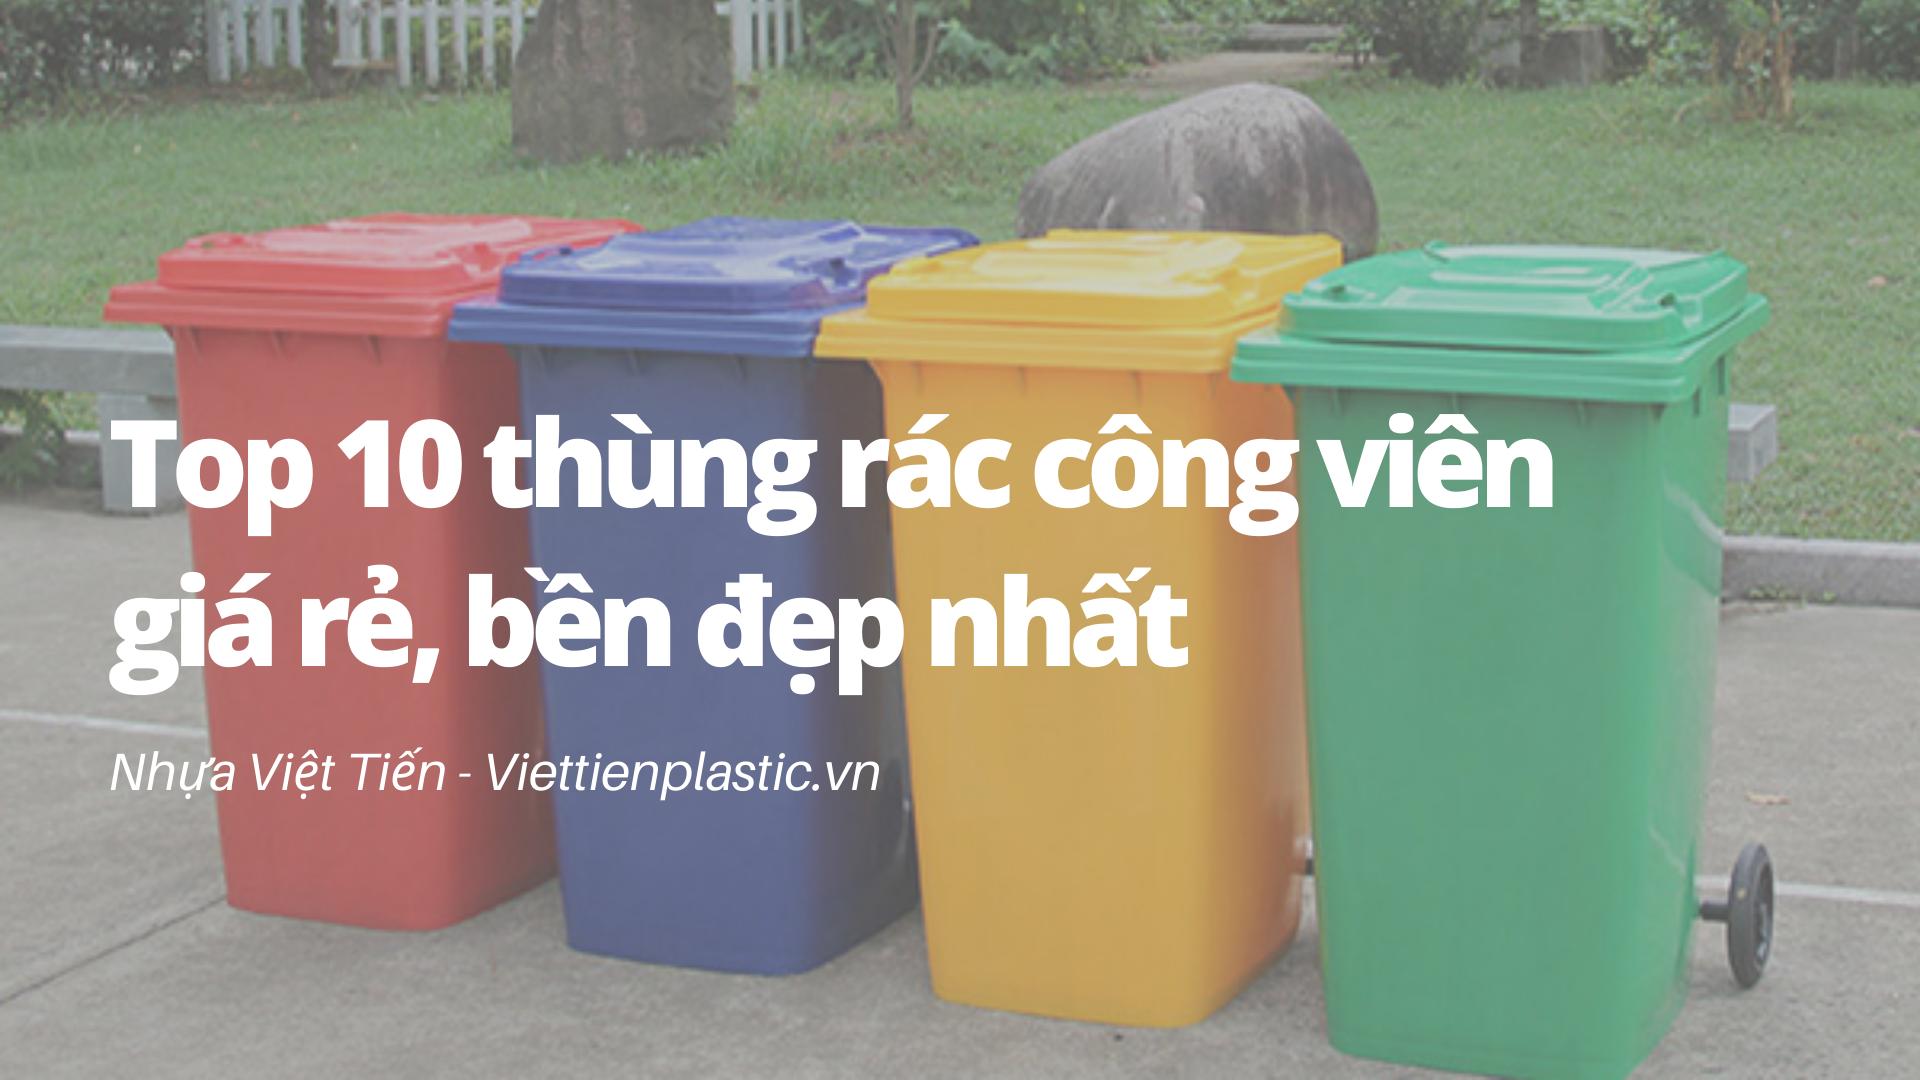 Top 10 thùng rác công viên giá rẻ, bền đẹp nhất